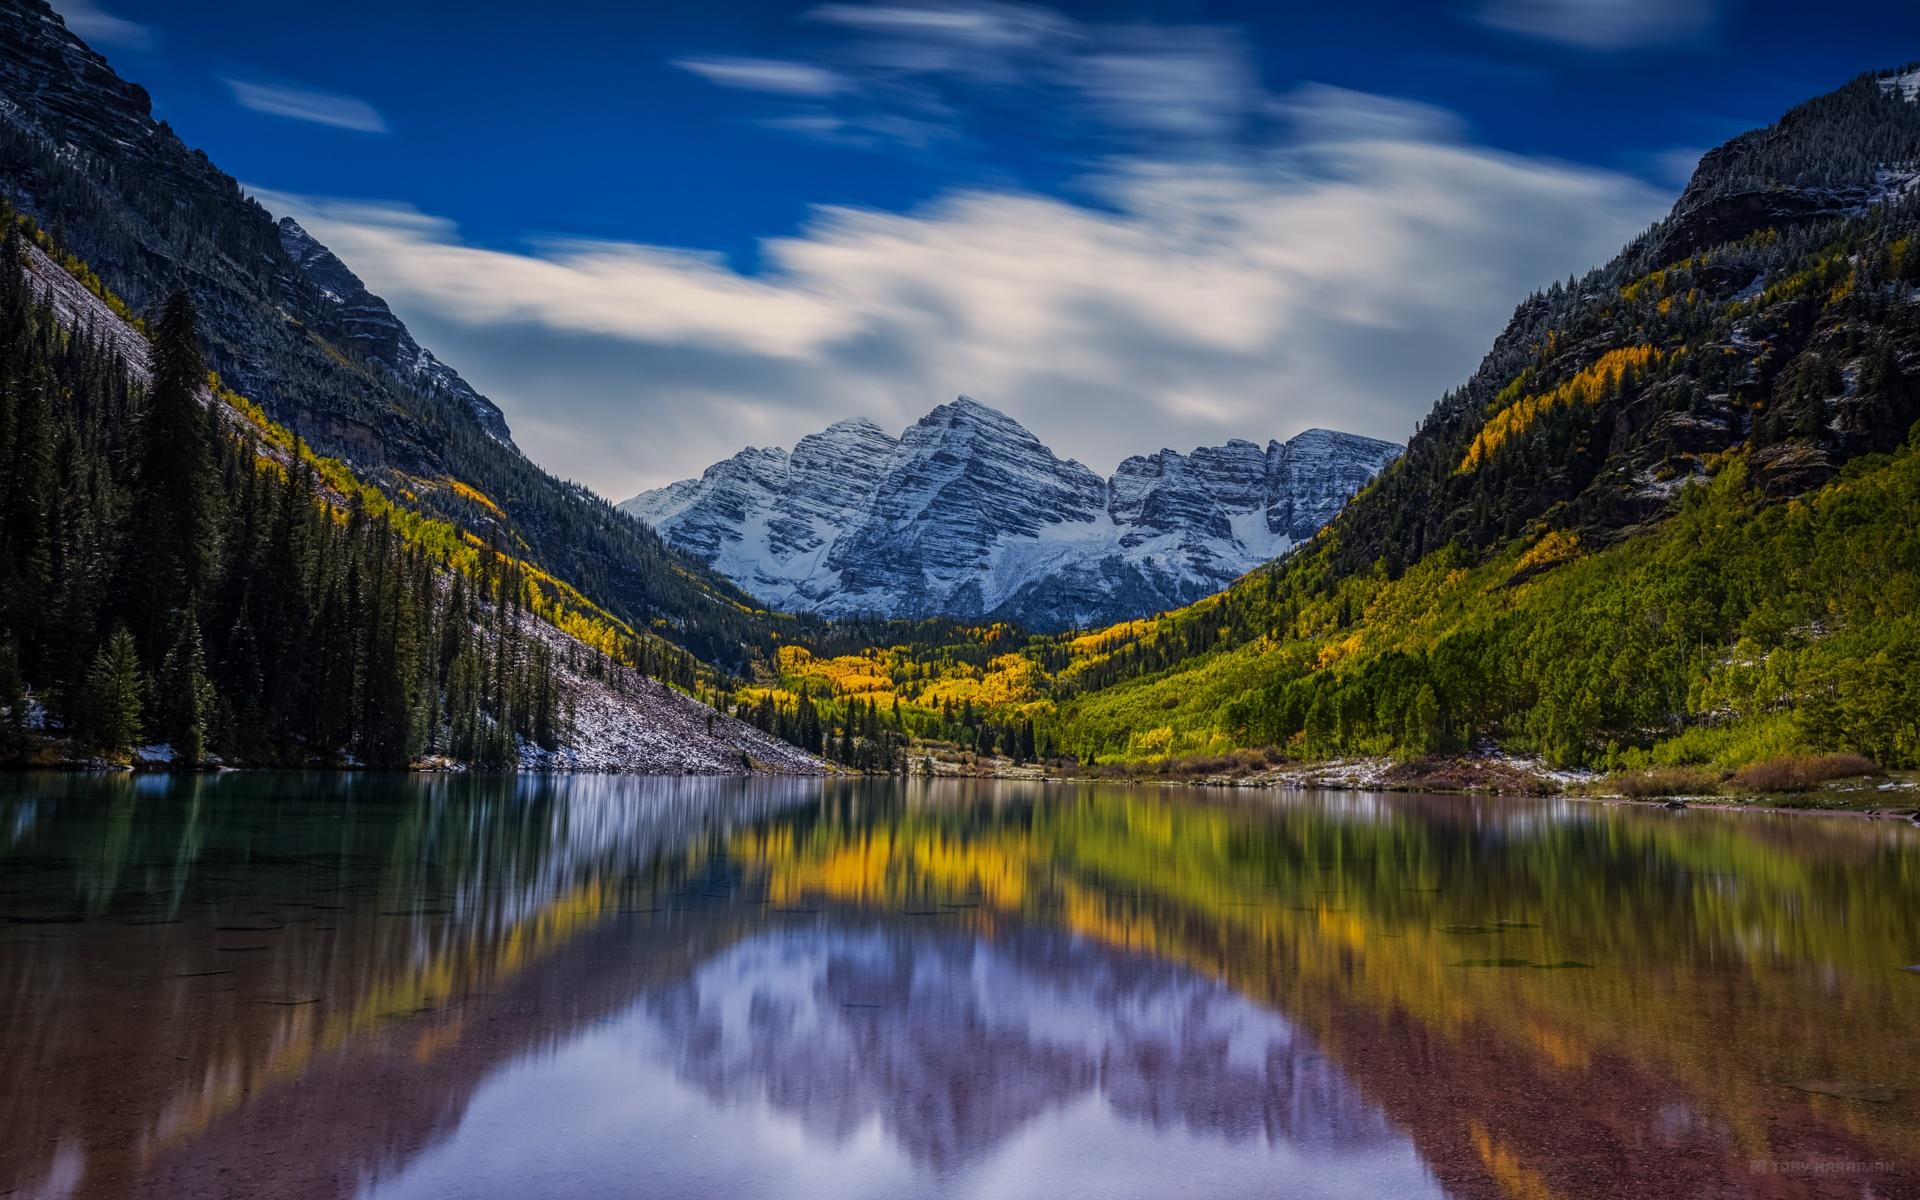 Fonds d'écran Montagne, forêt, lac, réflexion, paysage calme 1920x1200 HD image